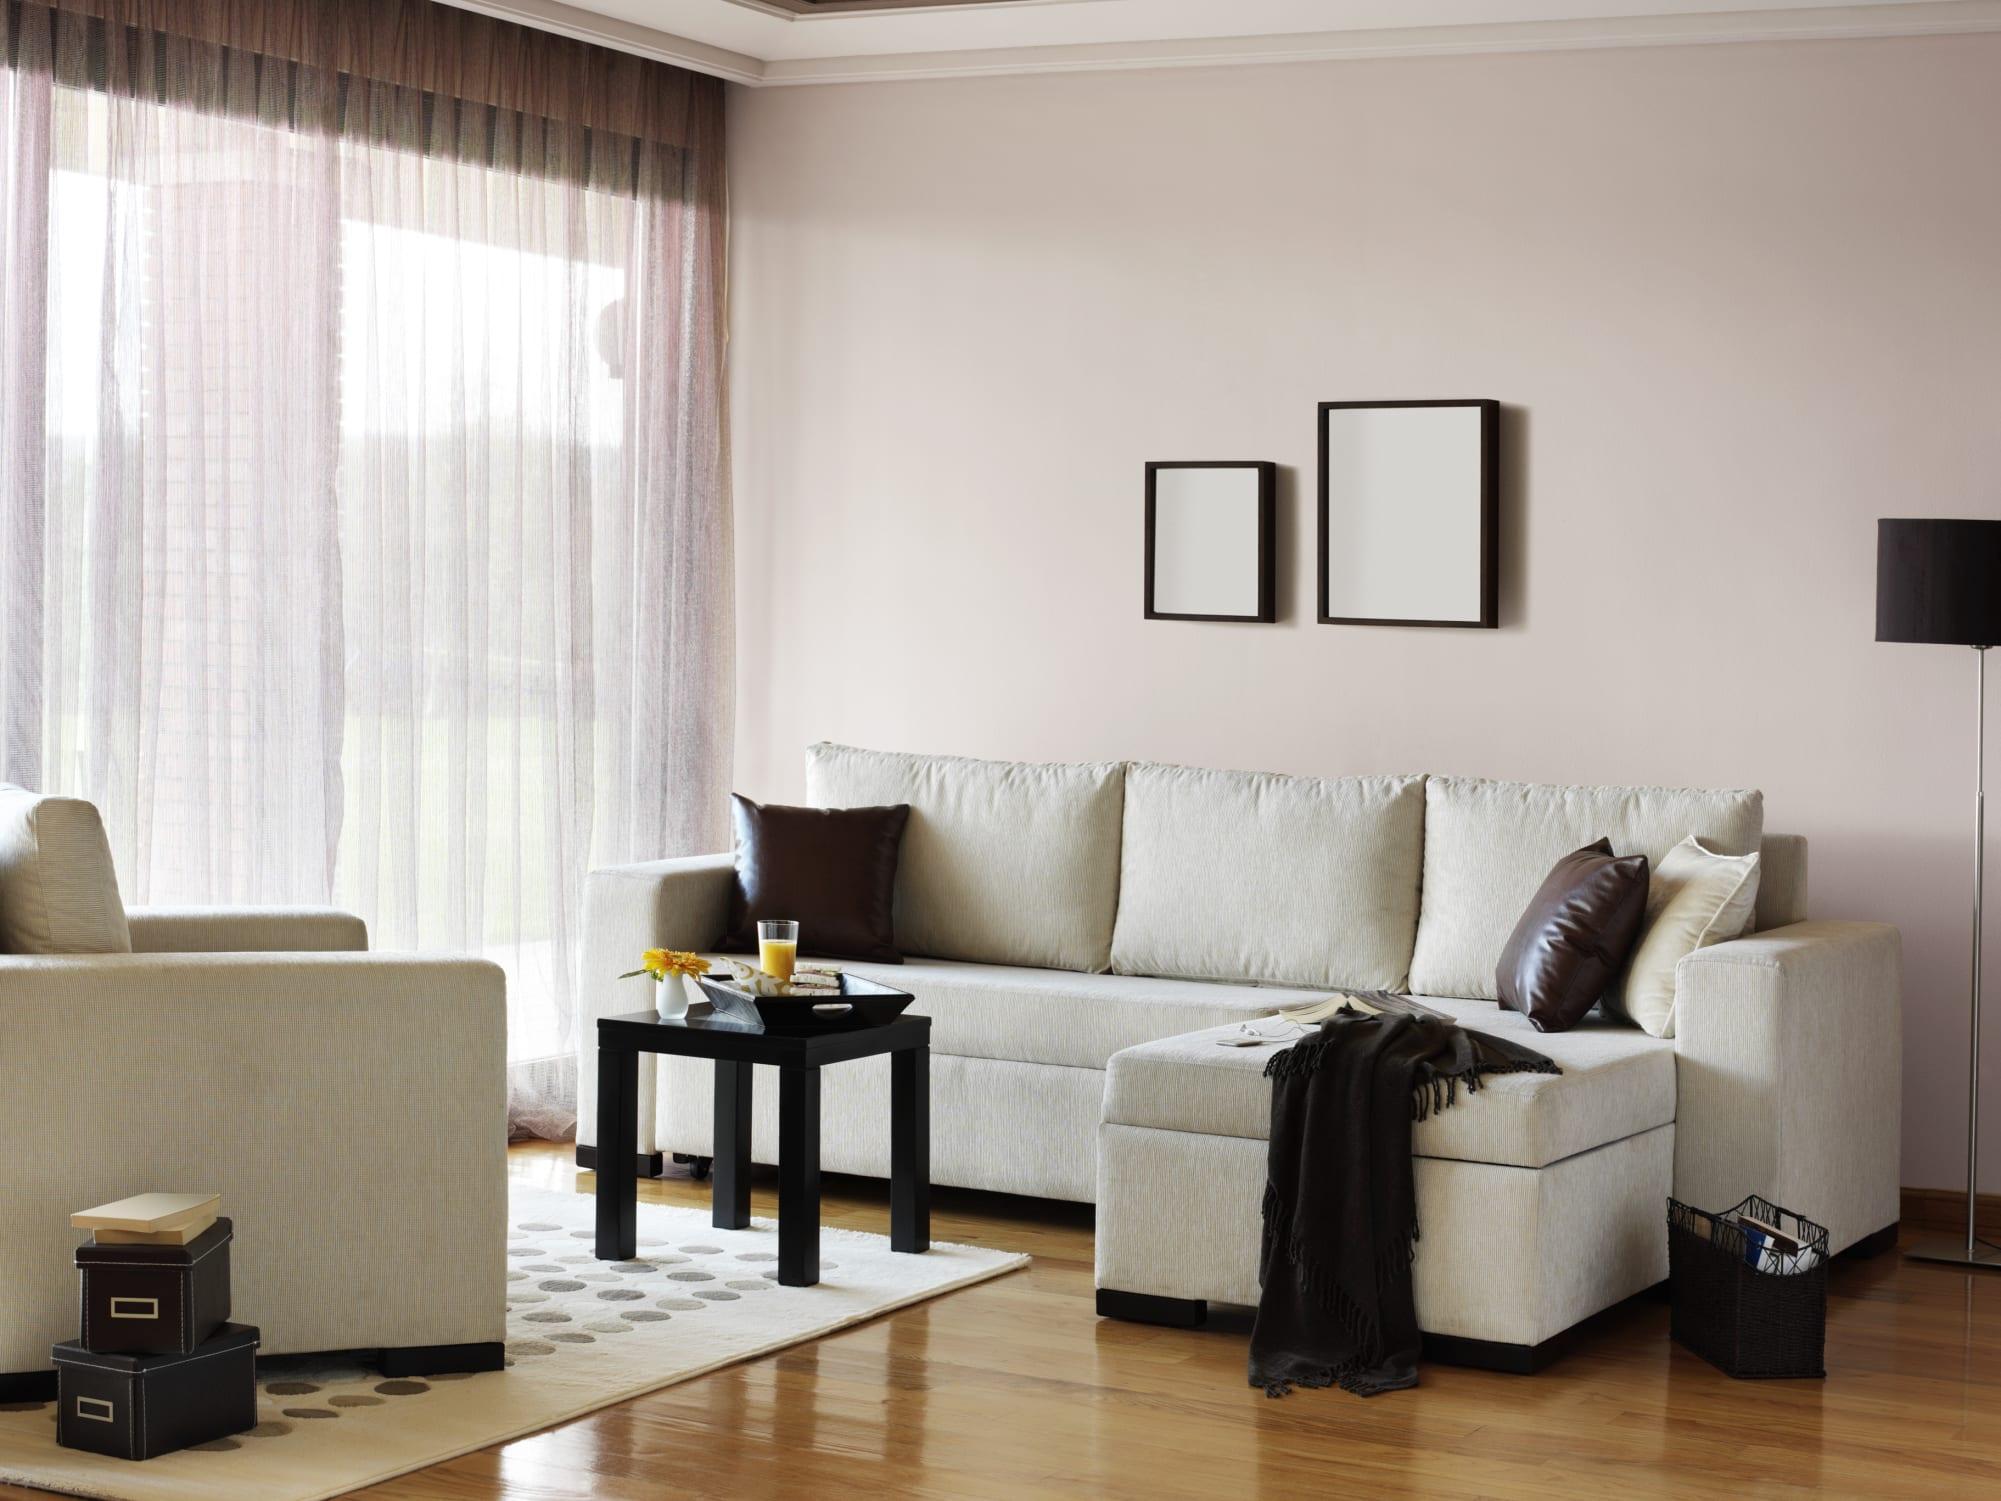 Consejos tiles para decorar tu nuevo hogar for Como decorar mi casa por poco dinero